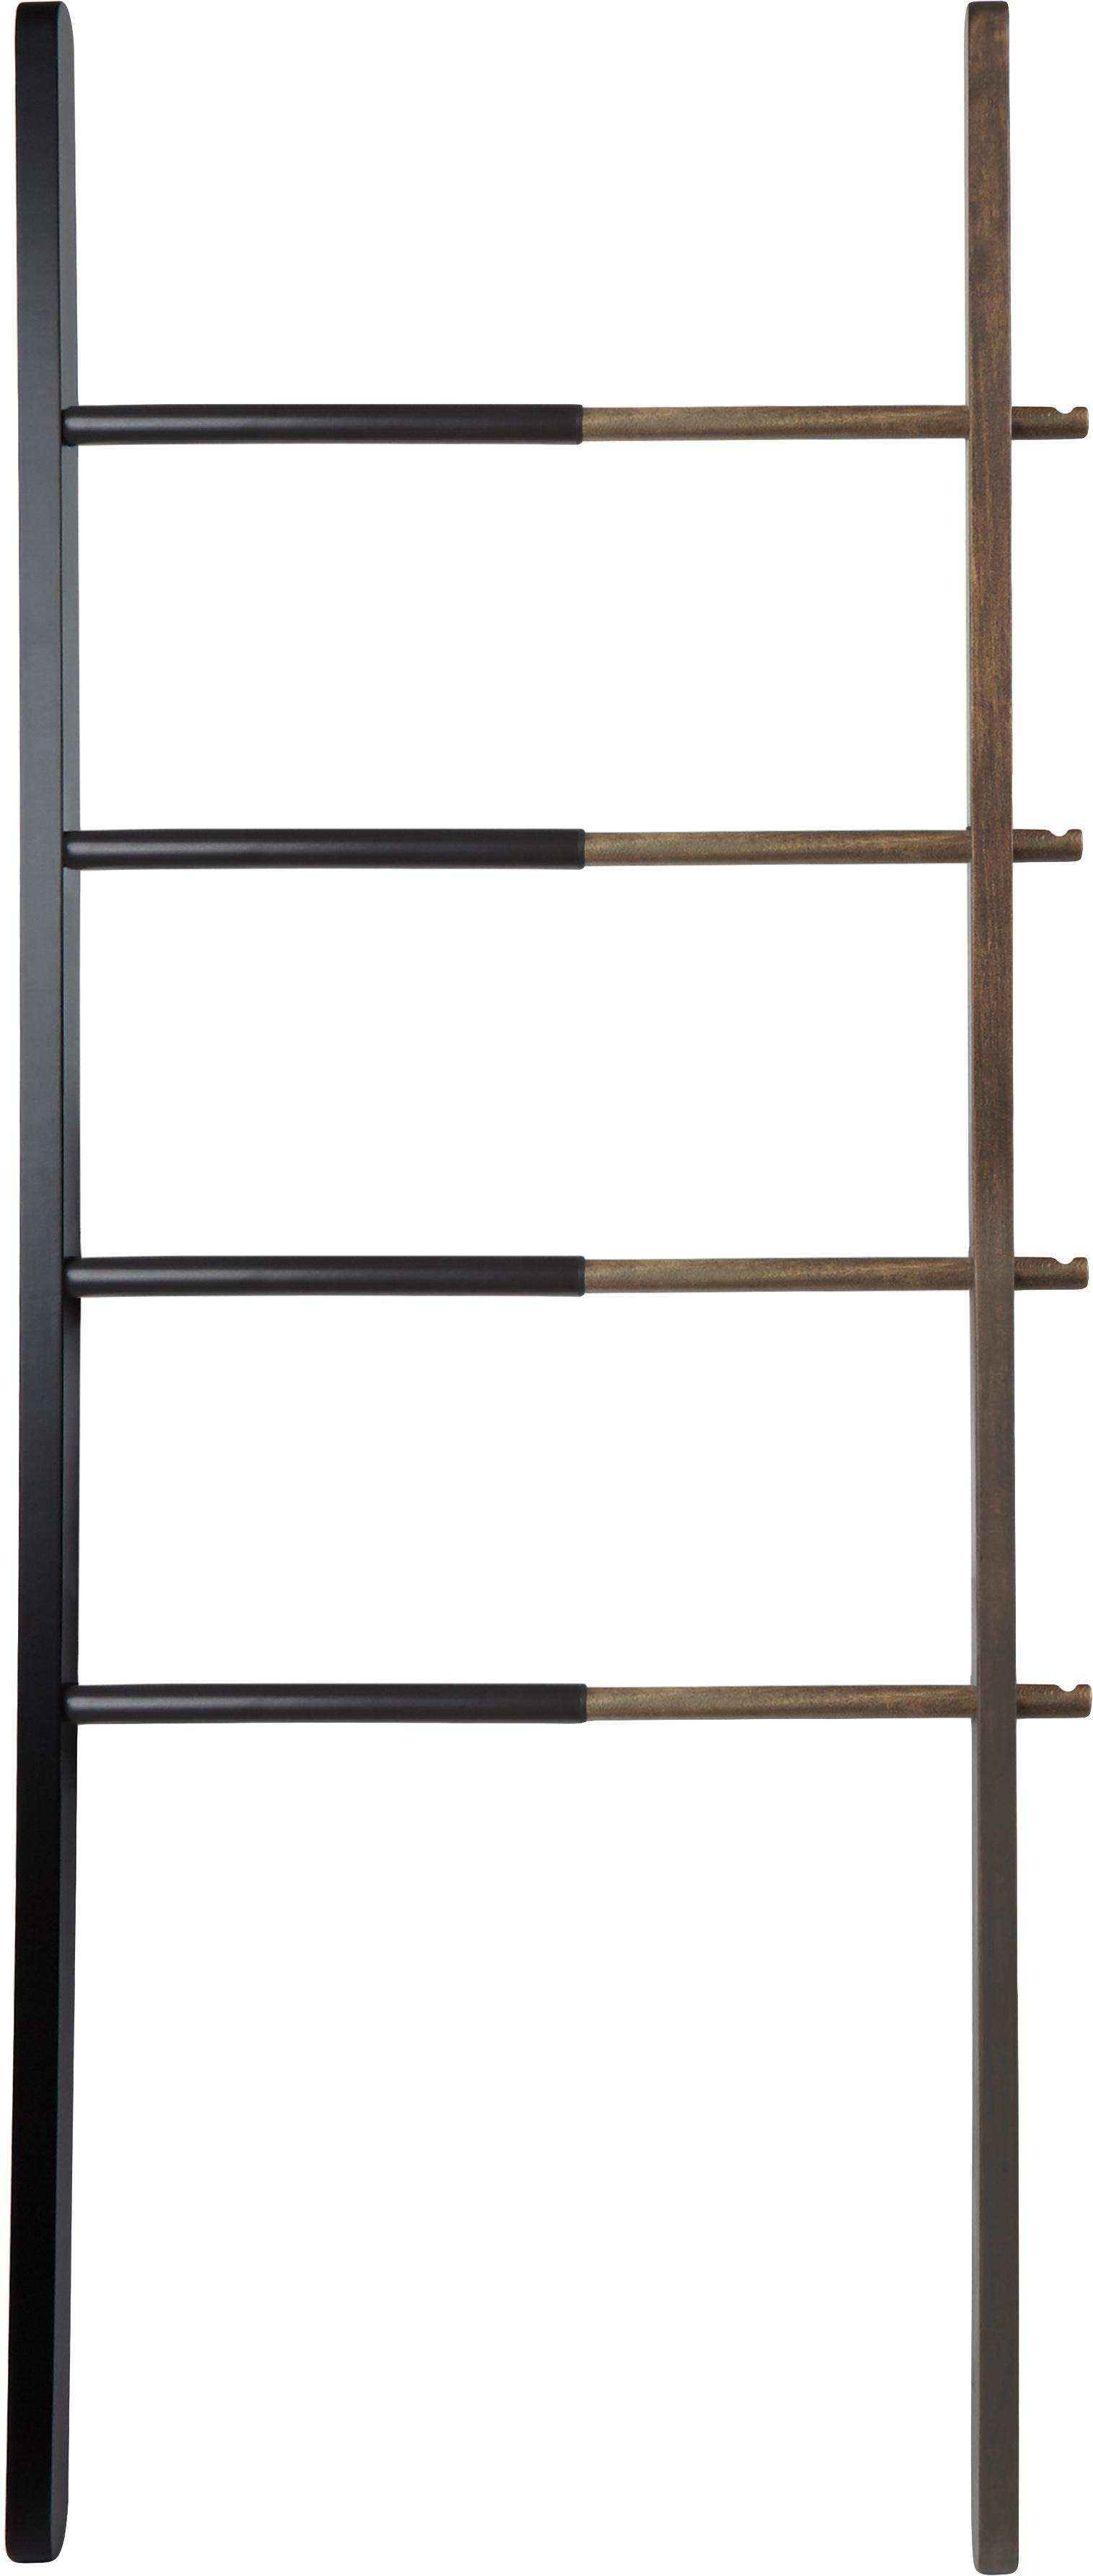 Escalera toallero de diseño Hub, Madera de fresno curtida, acero pintado, Negro, marrón oscuro, An 67 x Al 152 cm